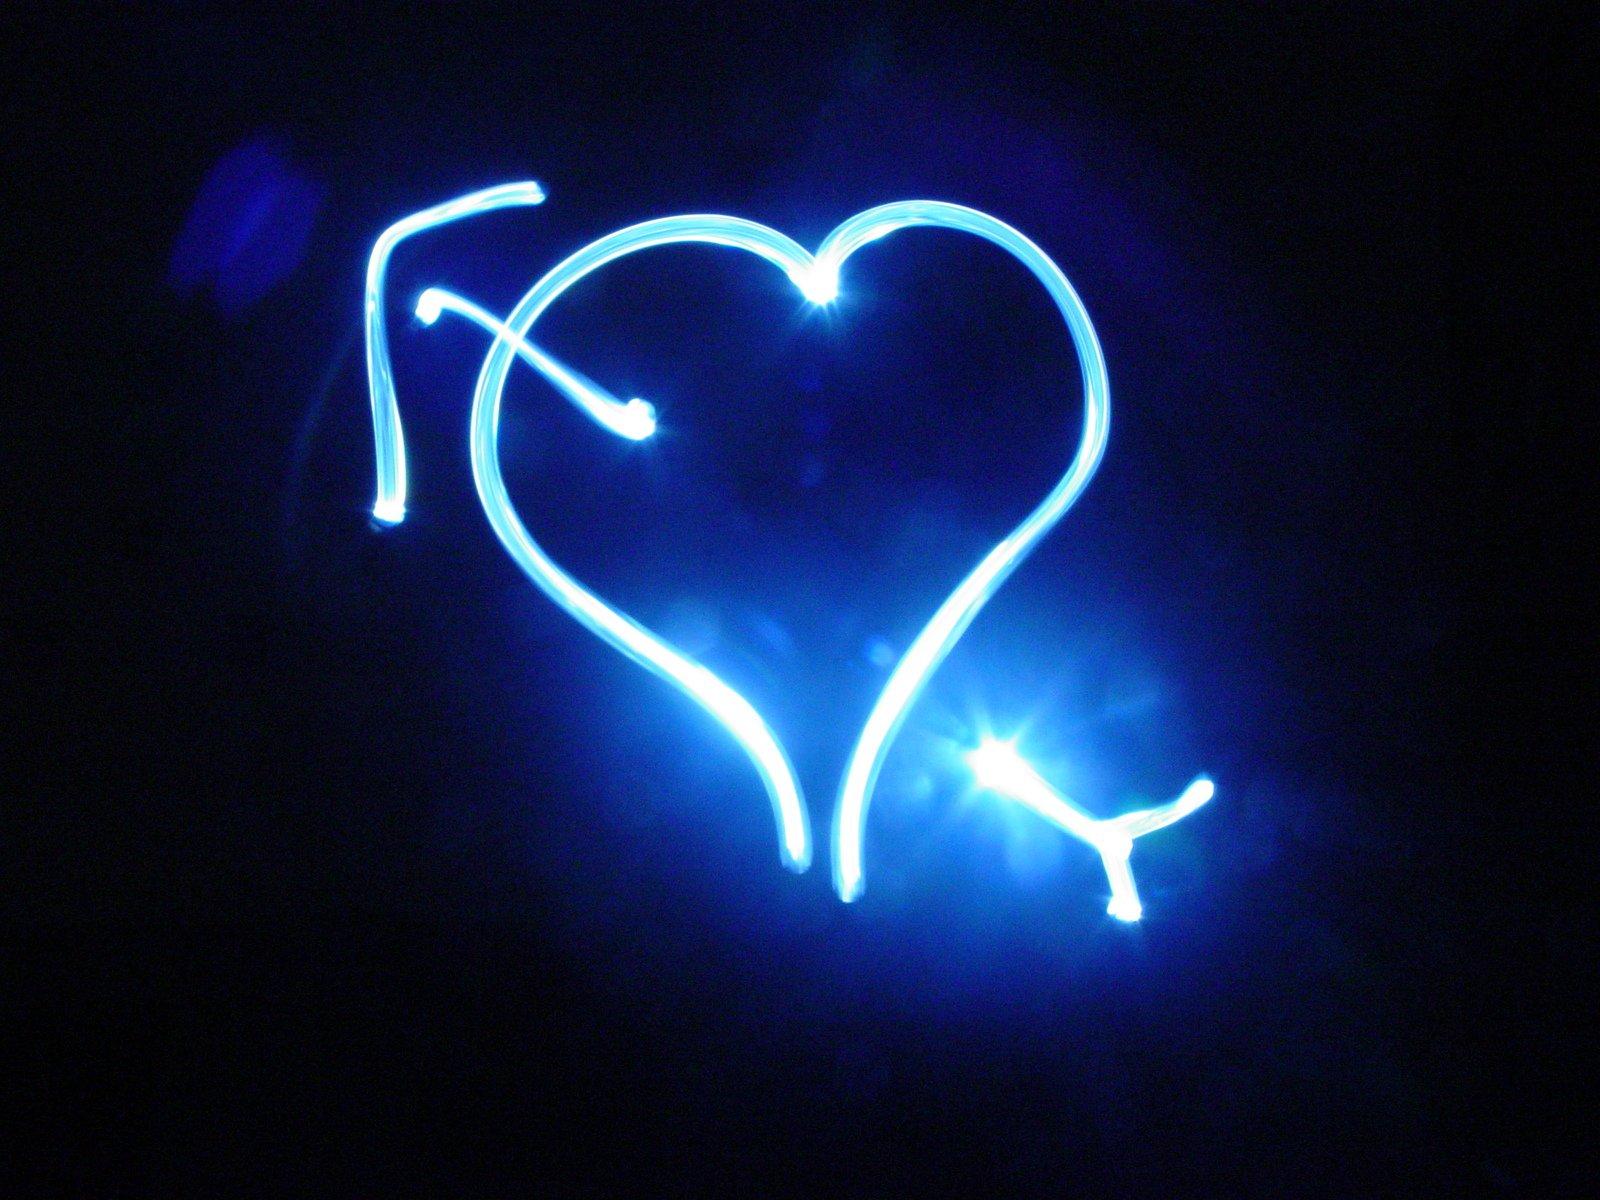 Neon arrow through the heart.